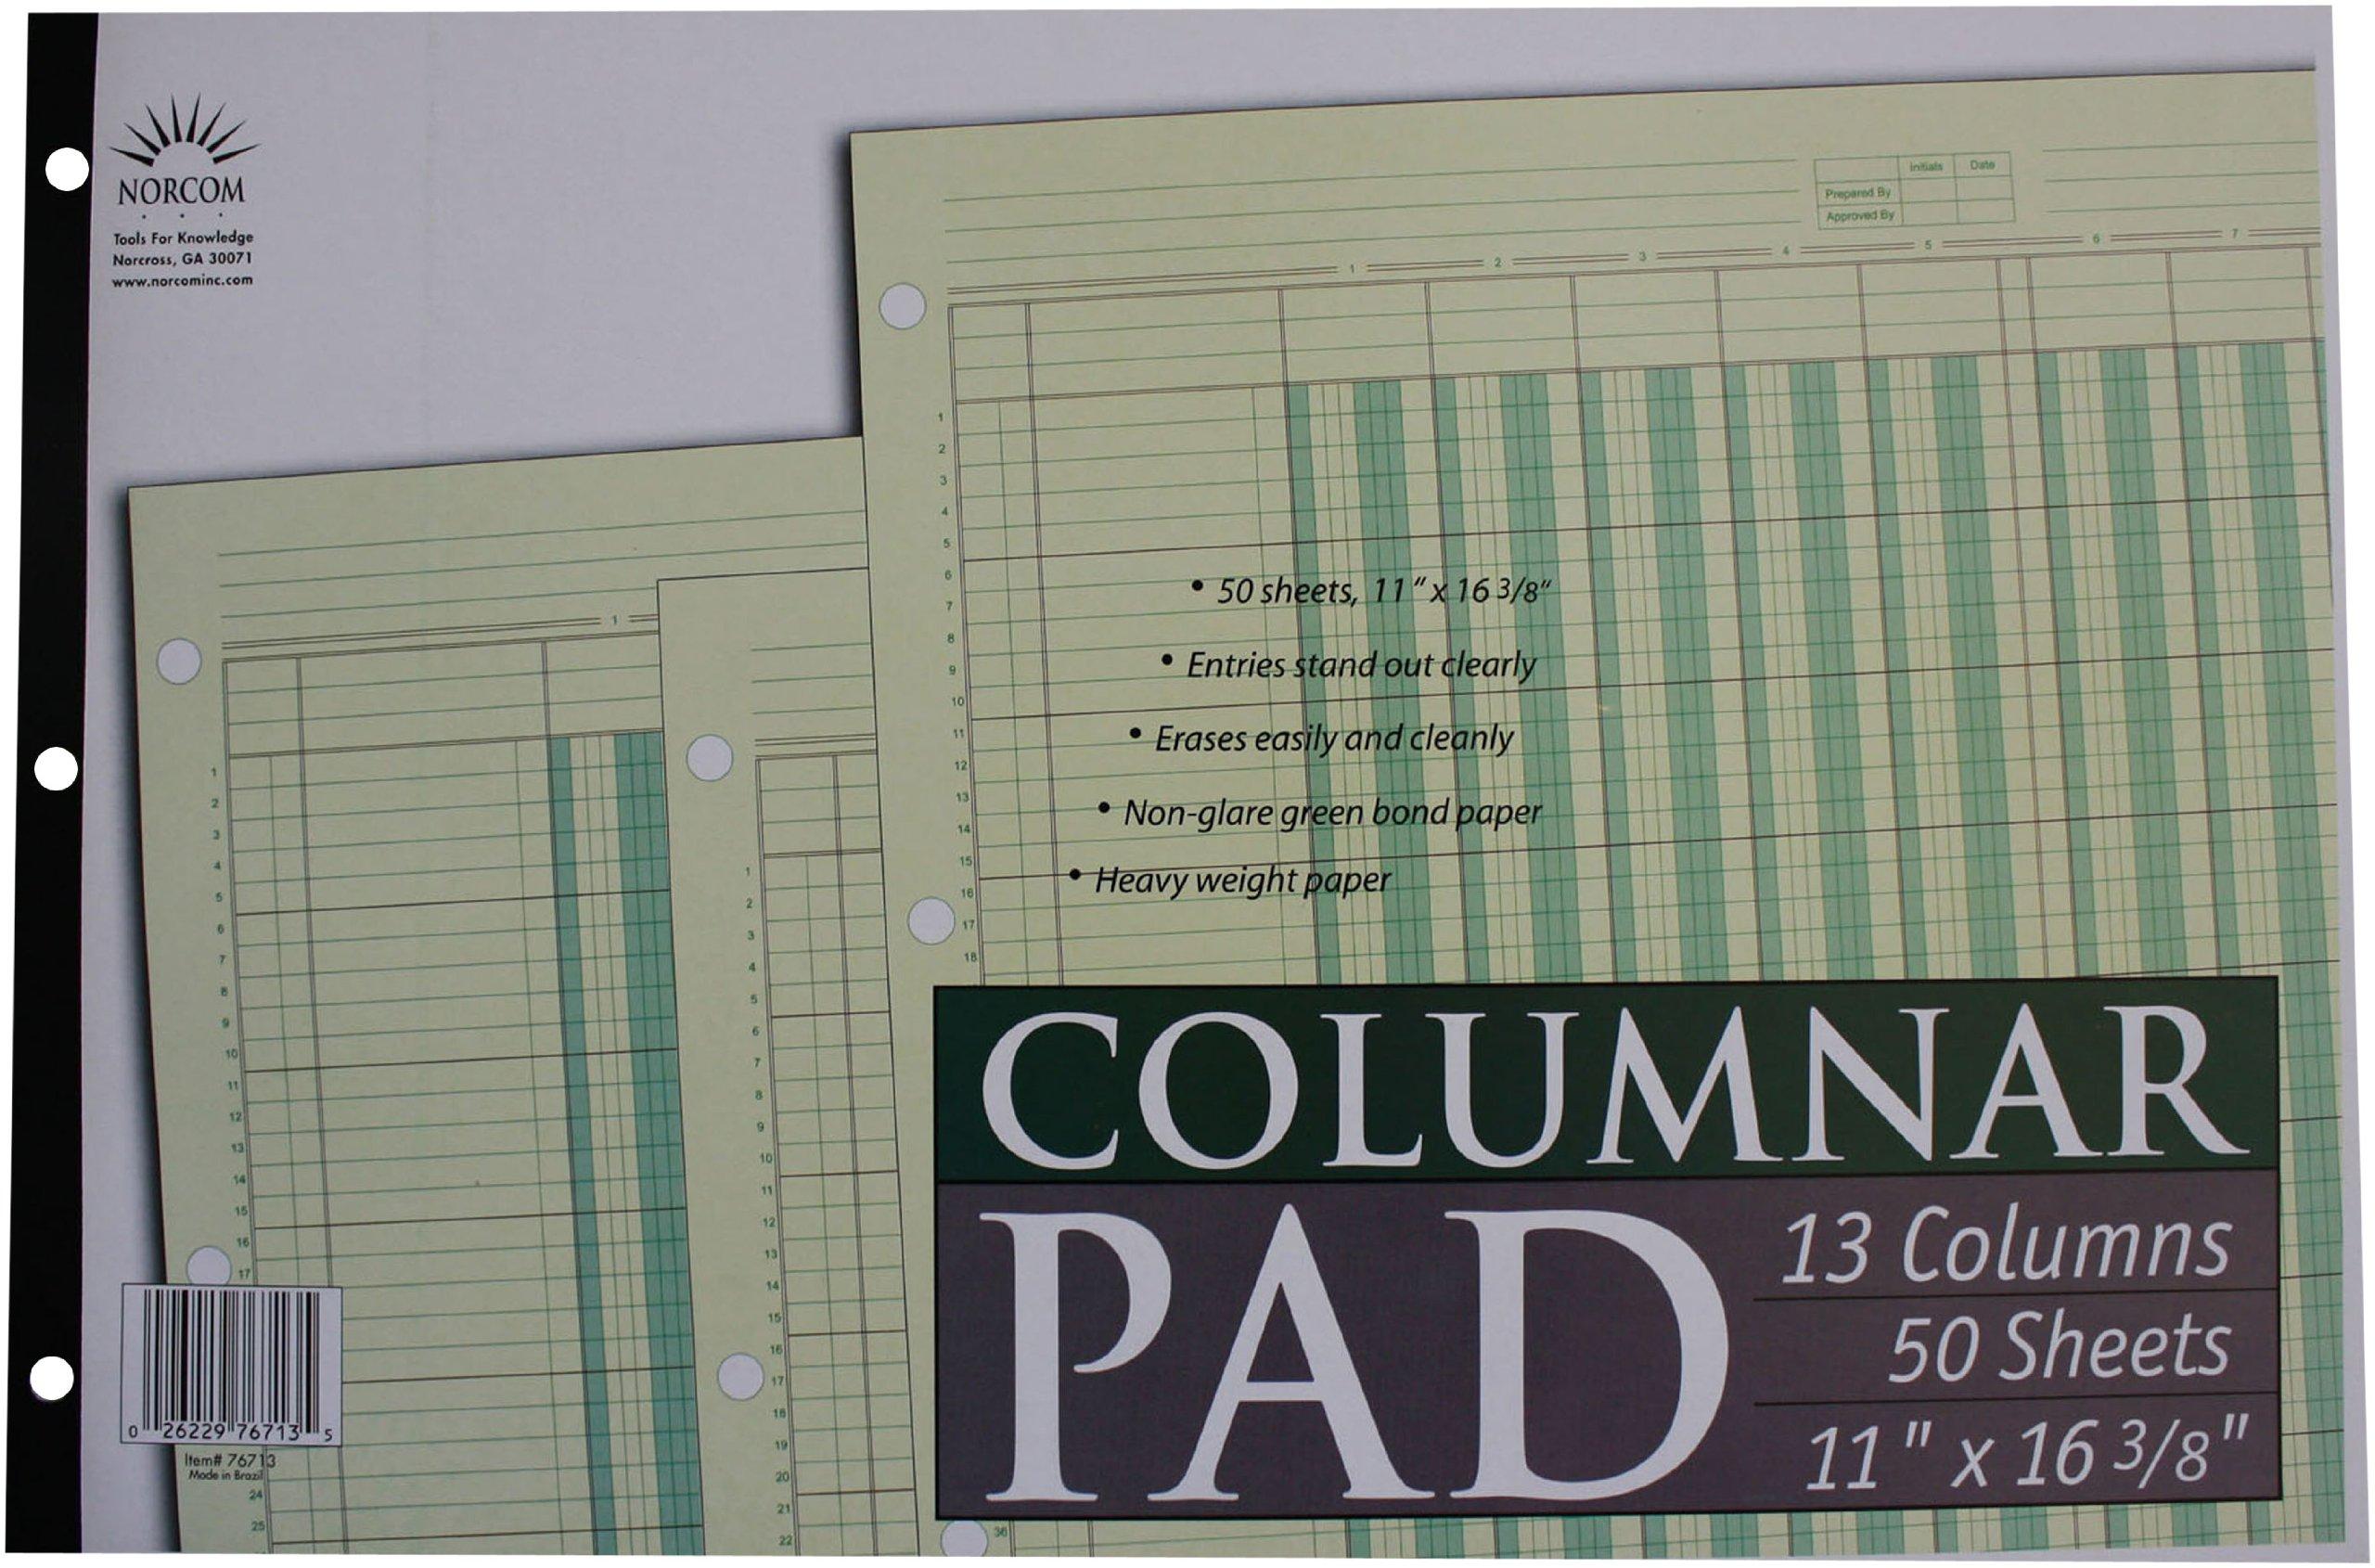 Norcom Columnar Pad 13 Columns, 11 x 16.375 Inches, 50-Sheets, Green (76713-10)